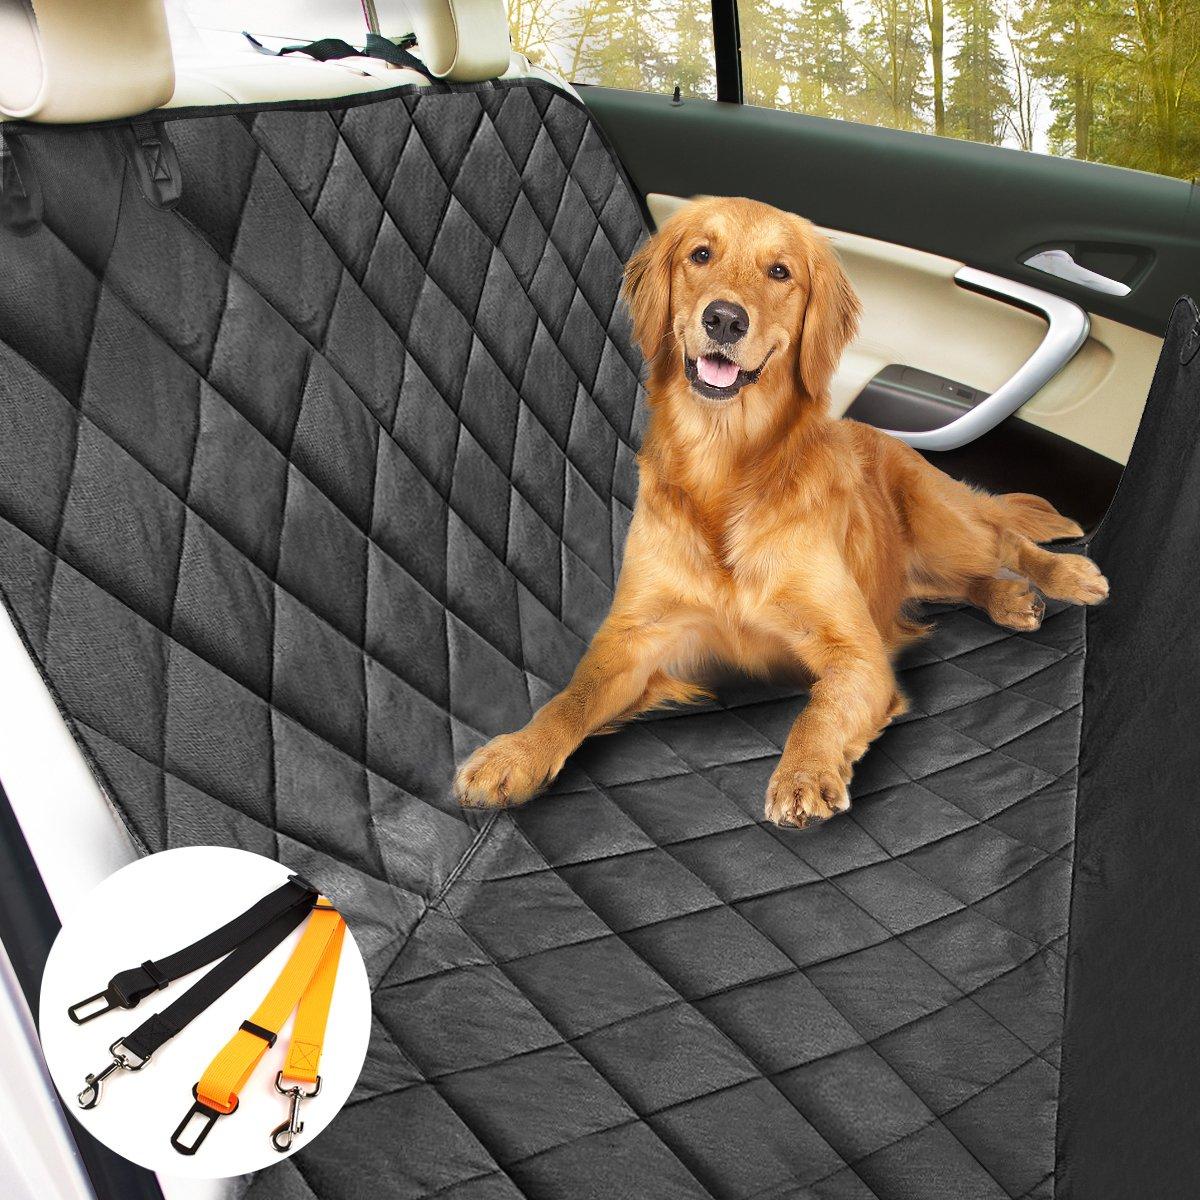 Auto Hundedecke, Morpilot Hunde Autoschondecke mit Wasserfestes, Hochwertiges Material Auto Hundedecke Kofferraumschutz Anti-Rutsch-Universales Design für alle Autos, Lastkraftwagen & SUV schwarz(147cm x 137cm)